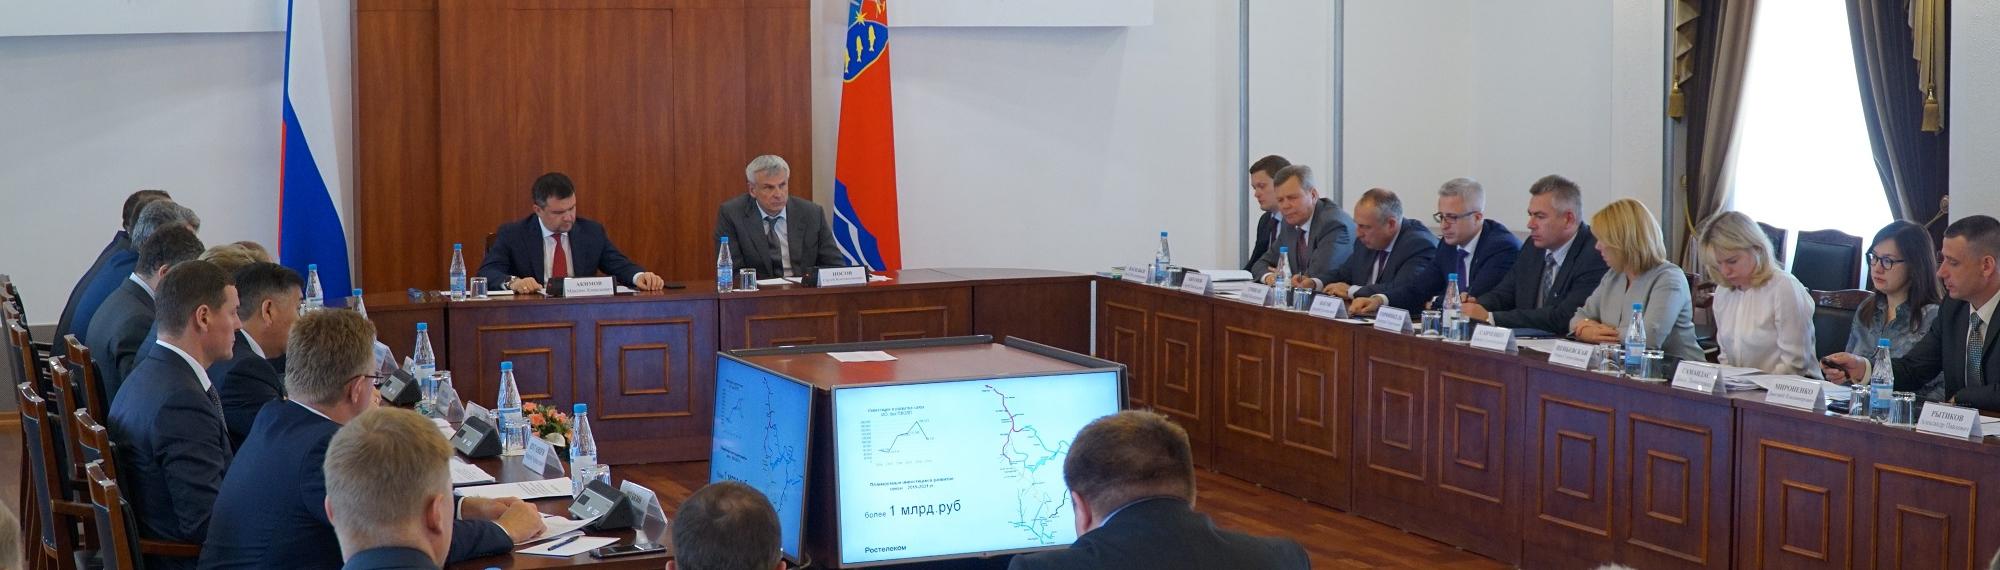 Заместитель председателя Правительства РФ Максим Акимов прибыл в Магаданскую область